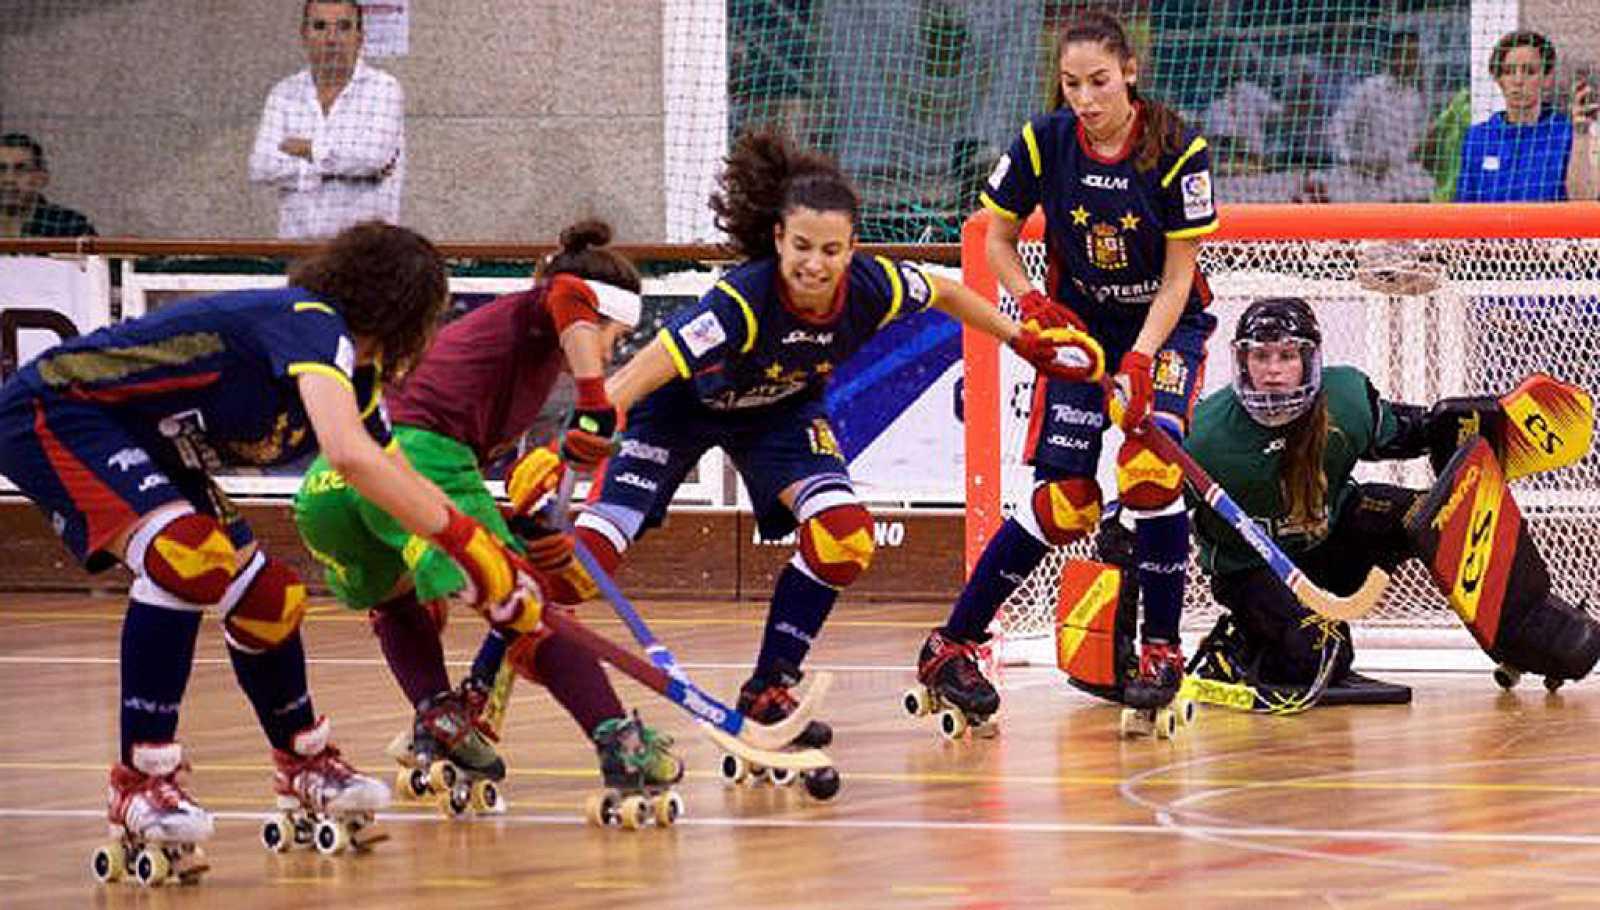 El huracán Leslie obliga a cancelar la final de Europeo de hockey patines